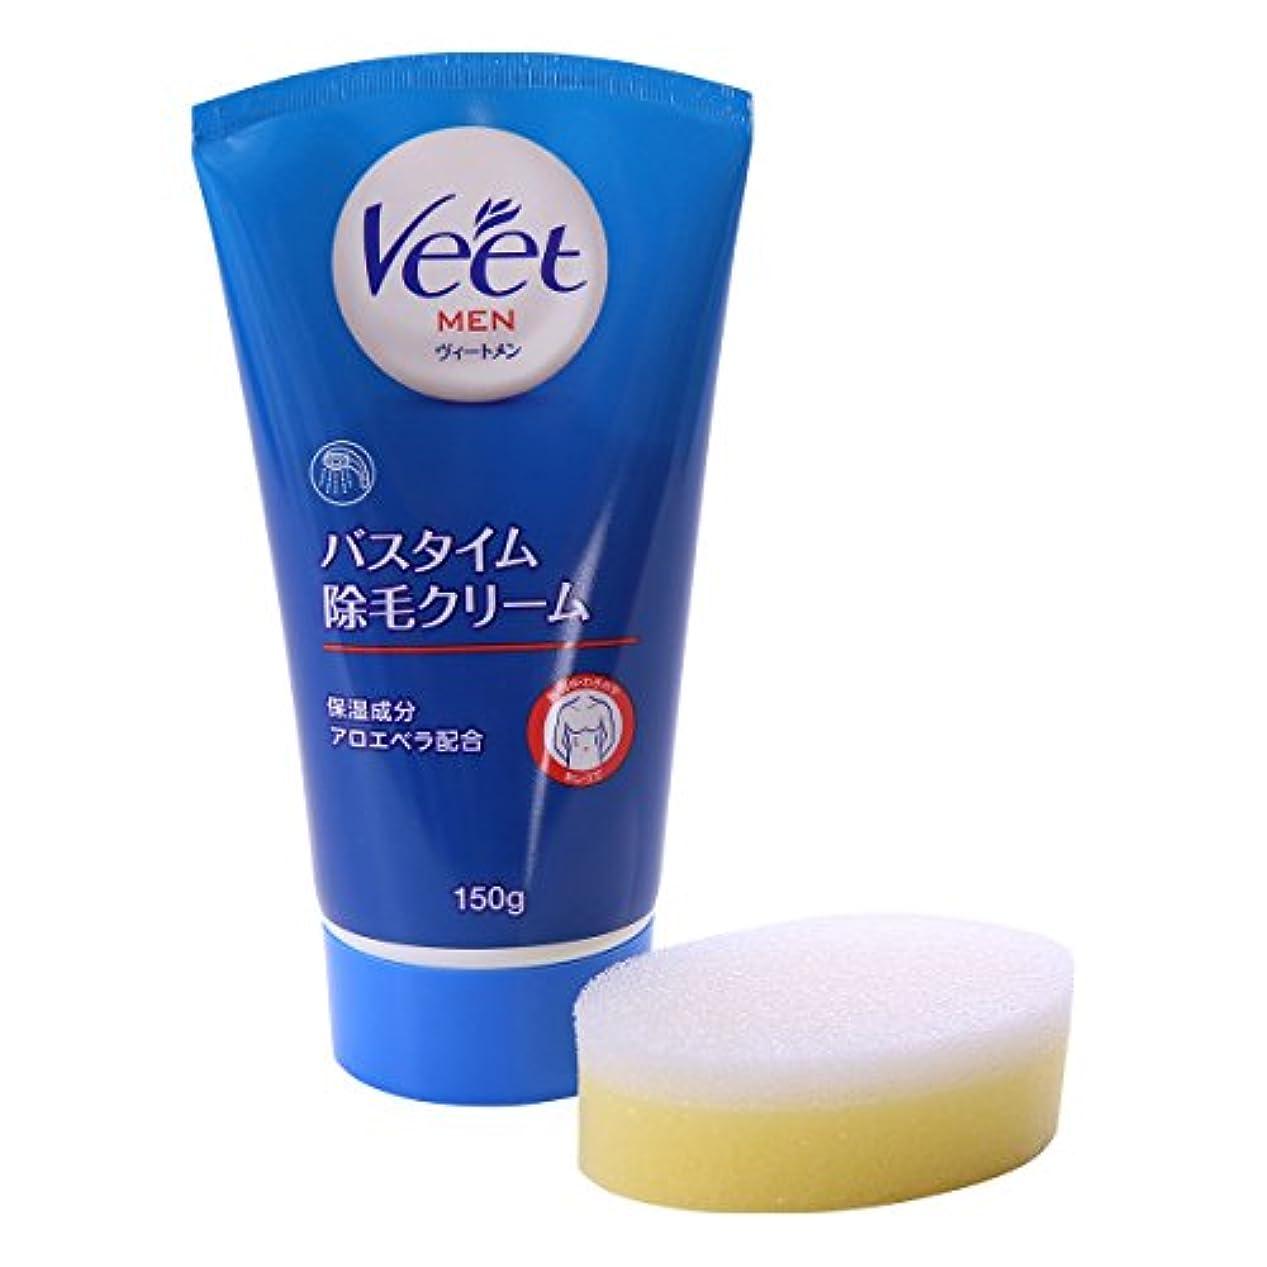 不正直糞仕える(ヴィート)Veet メンズ バスタイム 除毛クリーム あし うで 胸 背中 わきの下